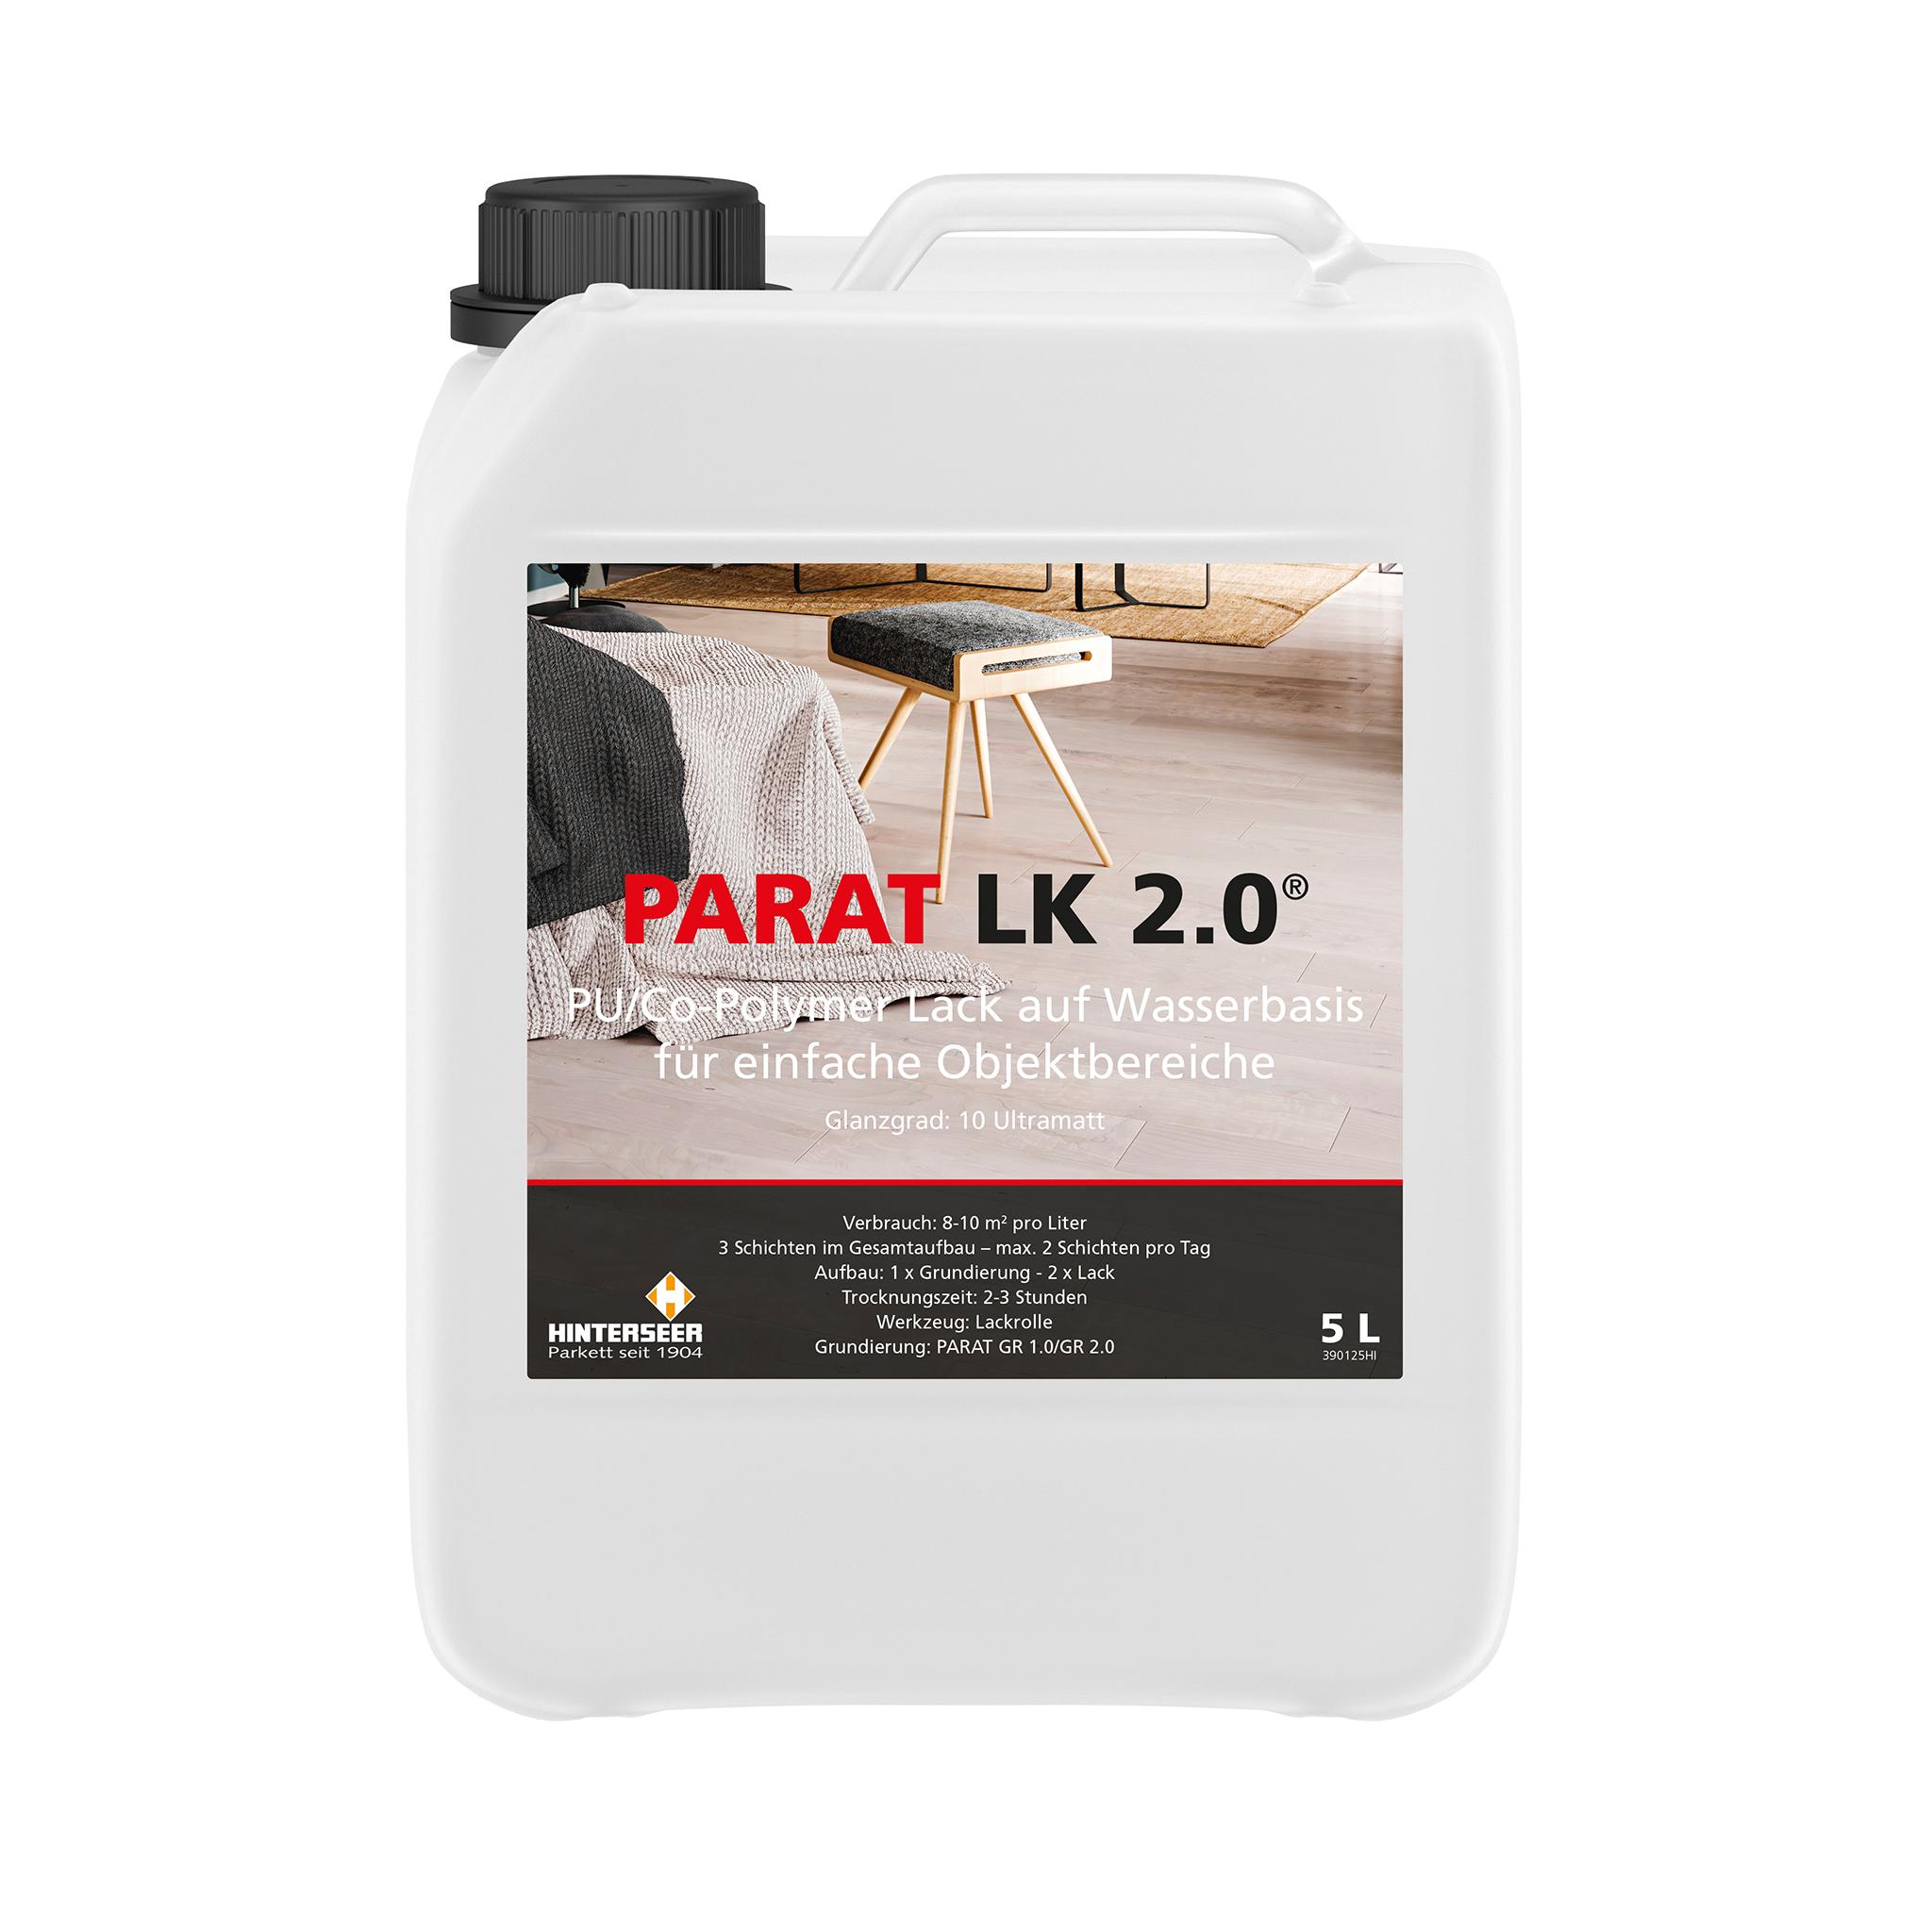 PARAT LK 2.0 parquet lacquer 5 Ltr.